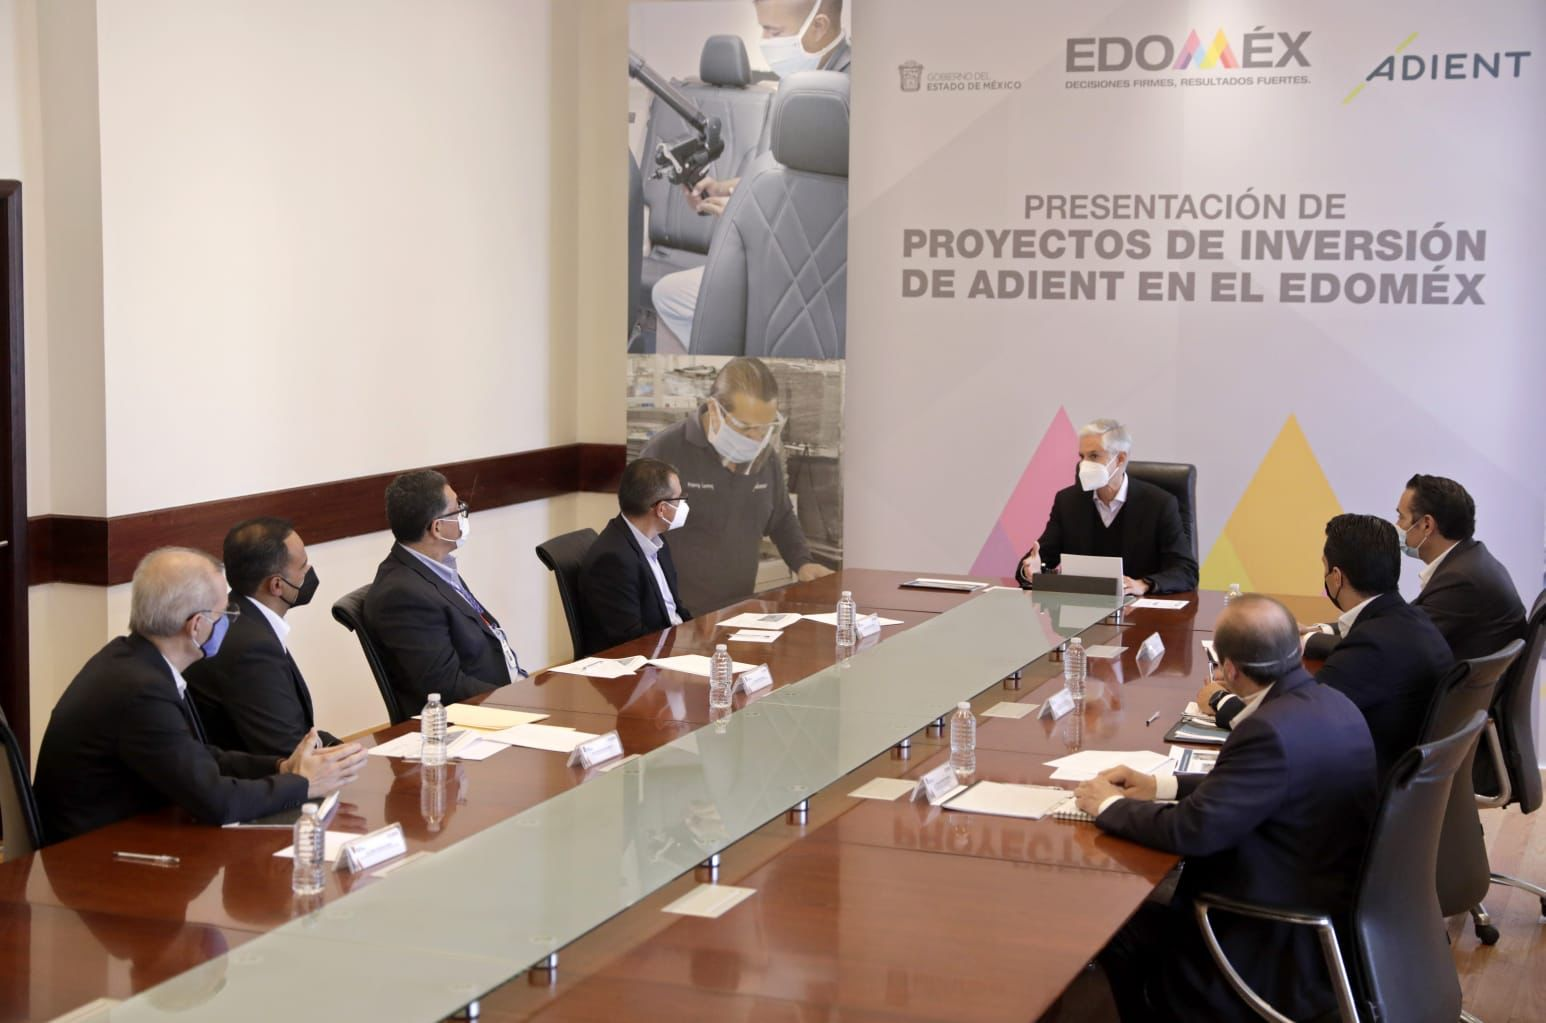 ALFREDO DEL MAZO ANUNCIA INVERSIÓN DE EMPRESA ADIENT EN EL EDOMÉX